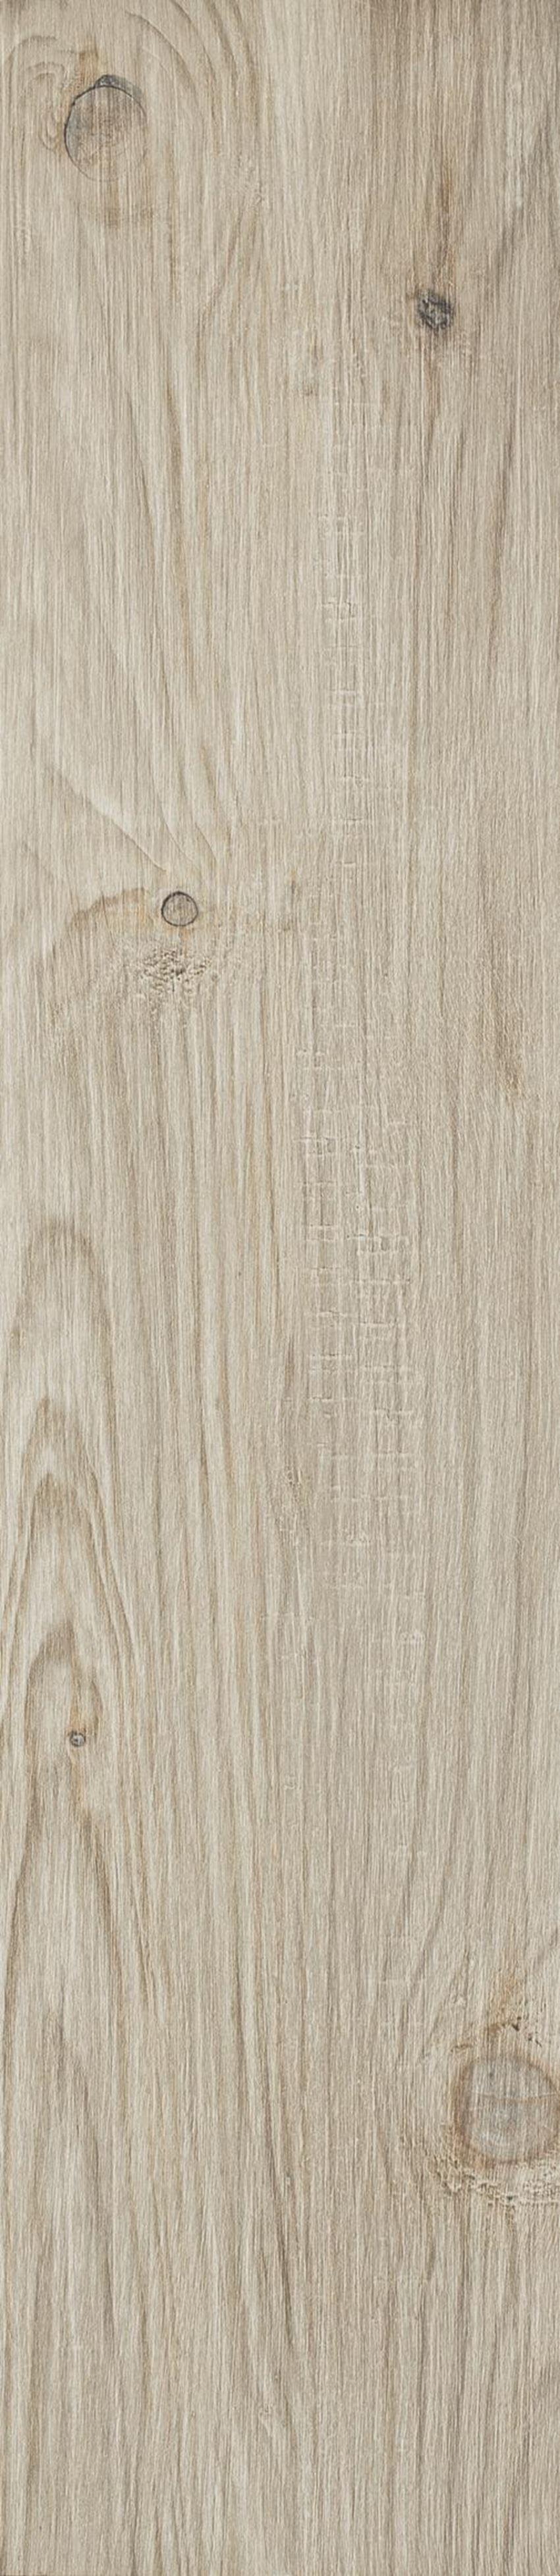 Płytka ścienno-podłogowa 21,5x98,5 cm Paradyż Thorno Beige